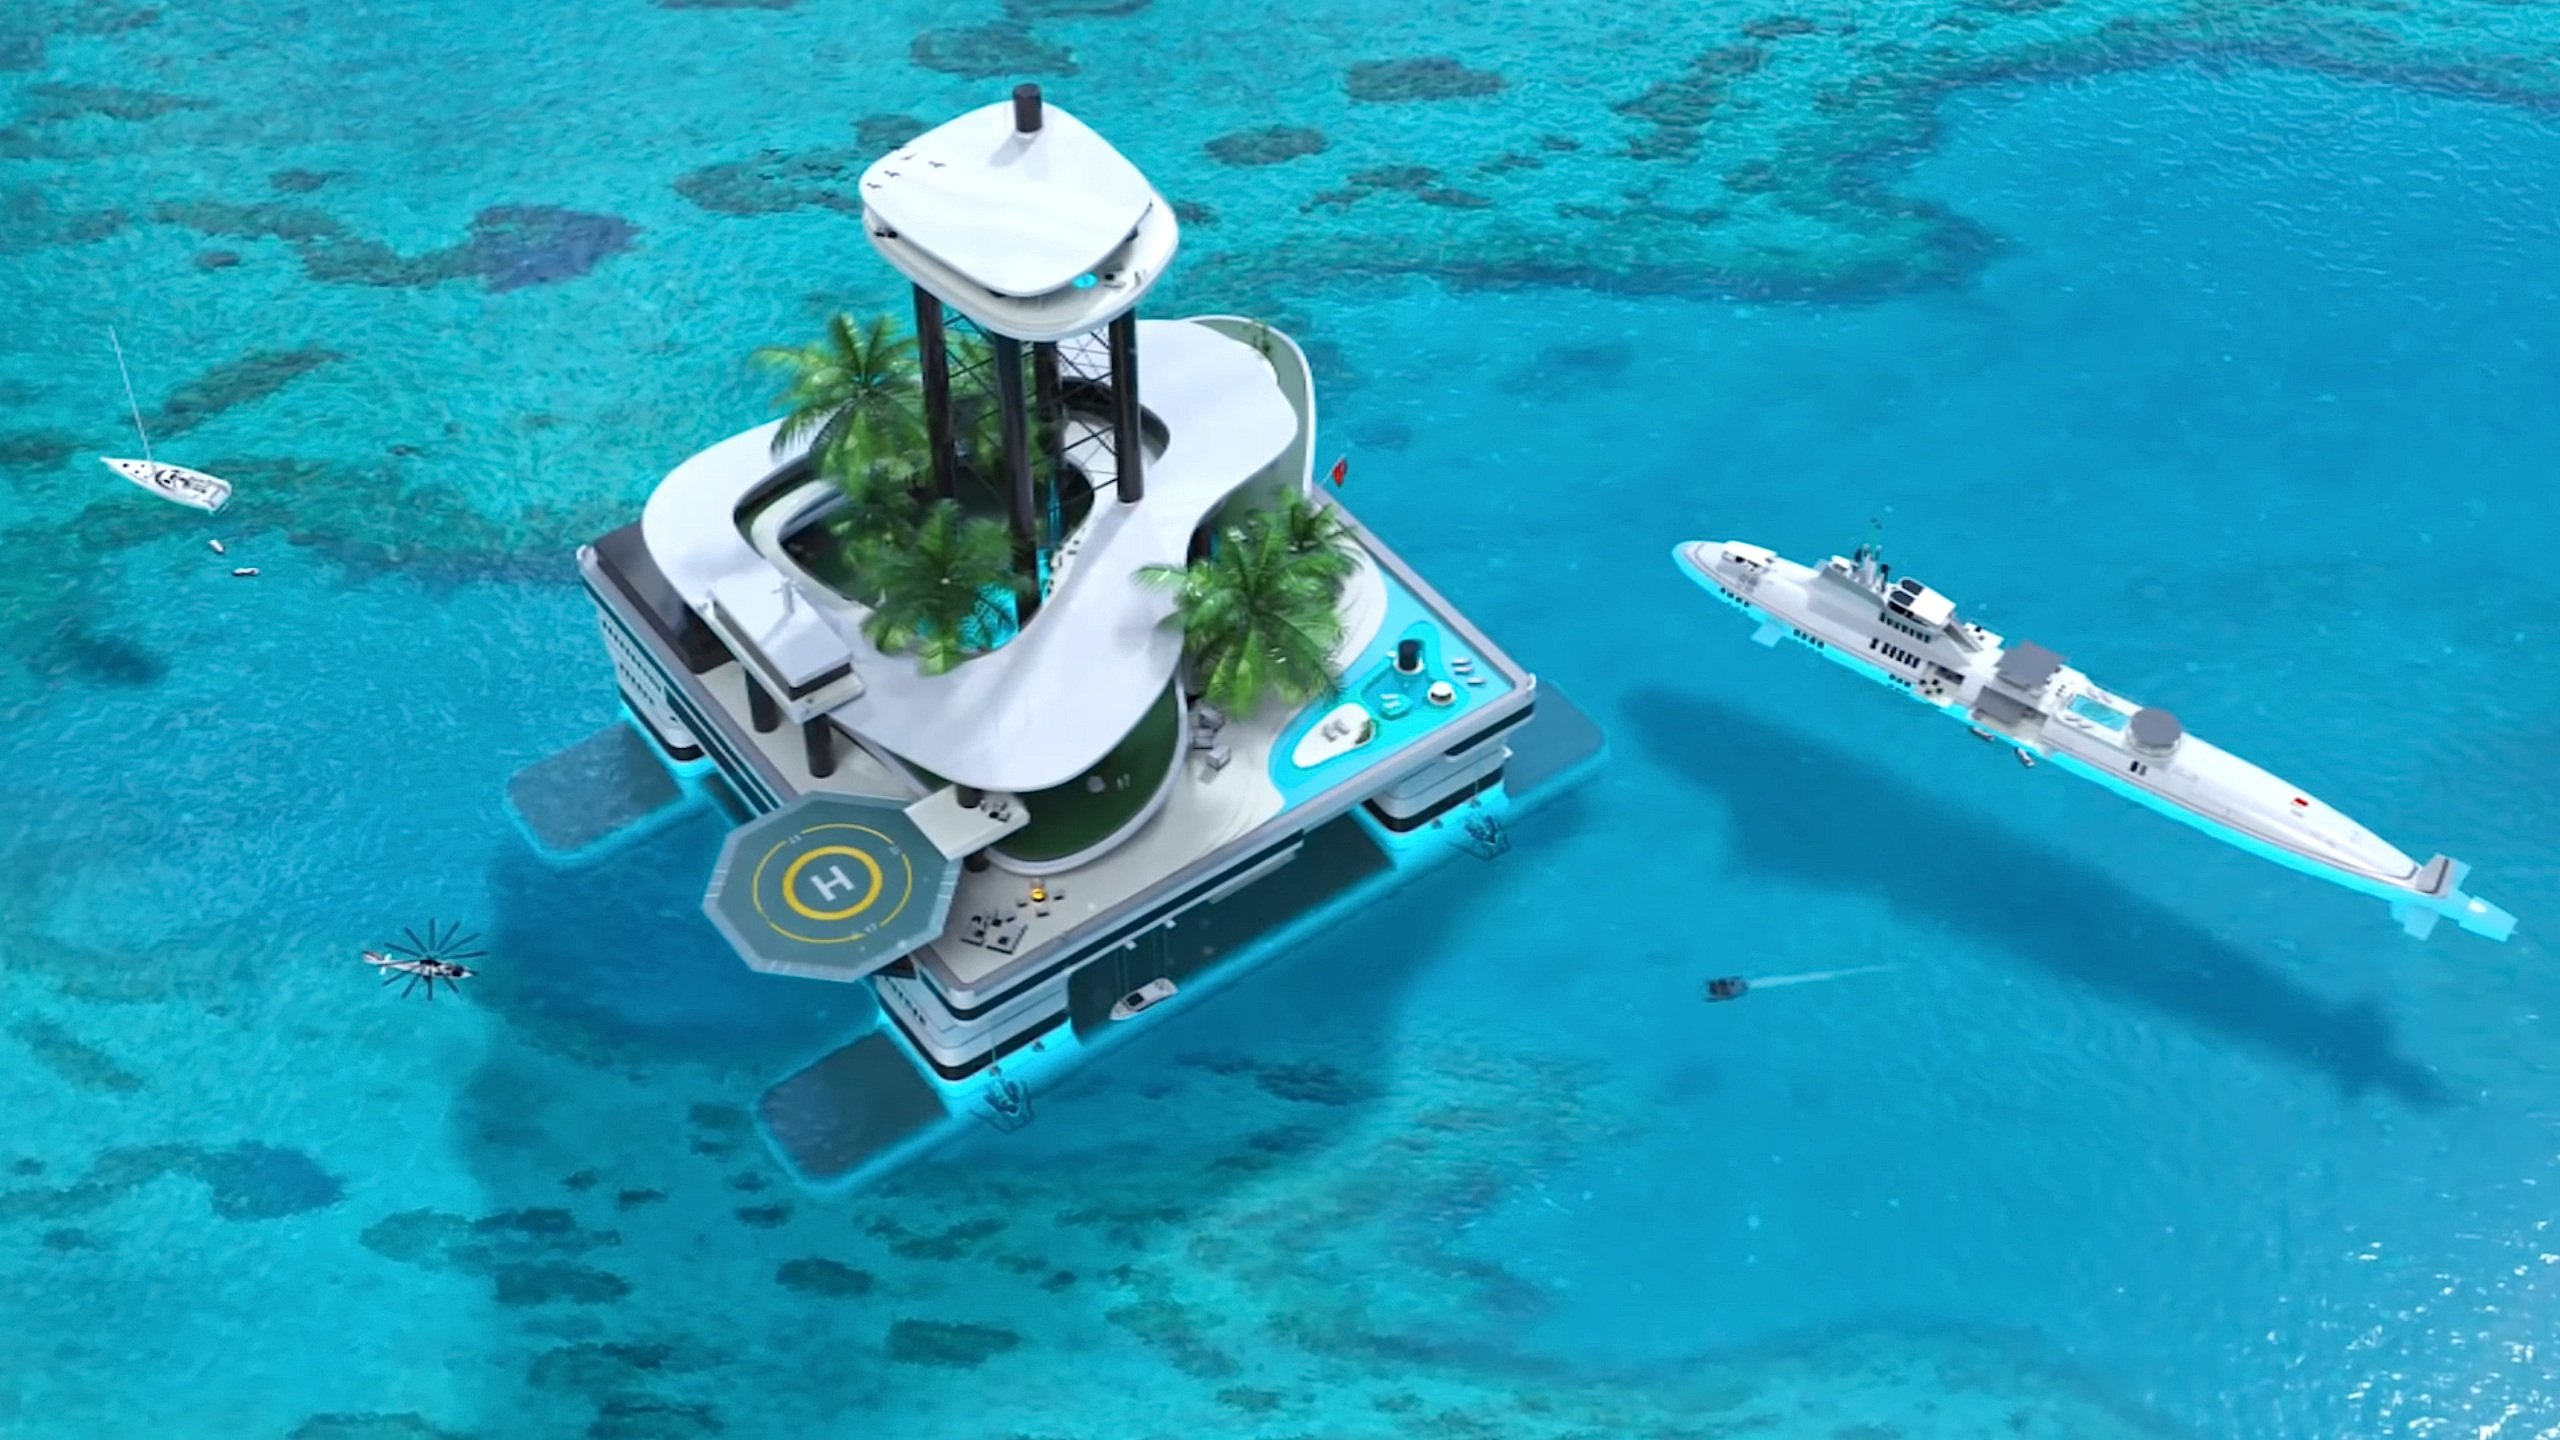 """""""Kokomo Ailand"""" ist etwa für ganz reiche Menschen auf dieser Welt. Die Insel verfügt über ein Penthouse in 80 m Höhe, einen Palmengarten, Pools, Wellness-Bereiche und sogar ein Esszimmer unter Wasser mit Blick auf Haie und Wale – sofern sie in der Nähe sind. Rechts im Bild ein privates U-Boot mit Pool, ebenfalls vom österreichischen Hersteller Migaloo."""